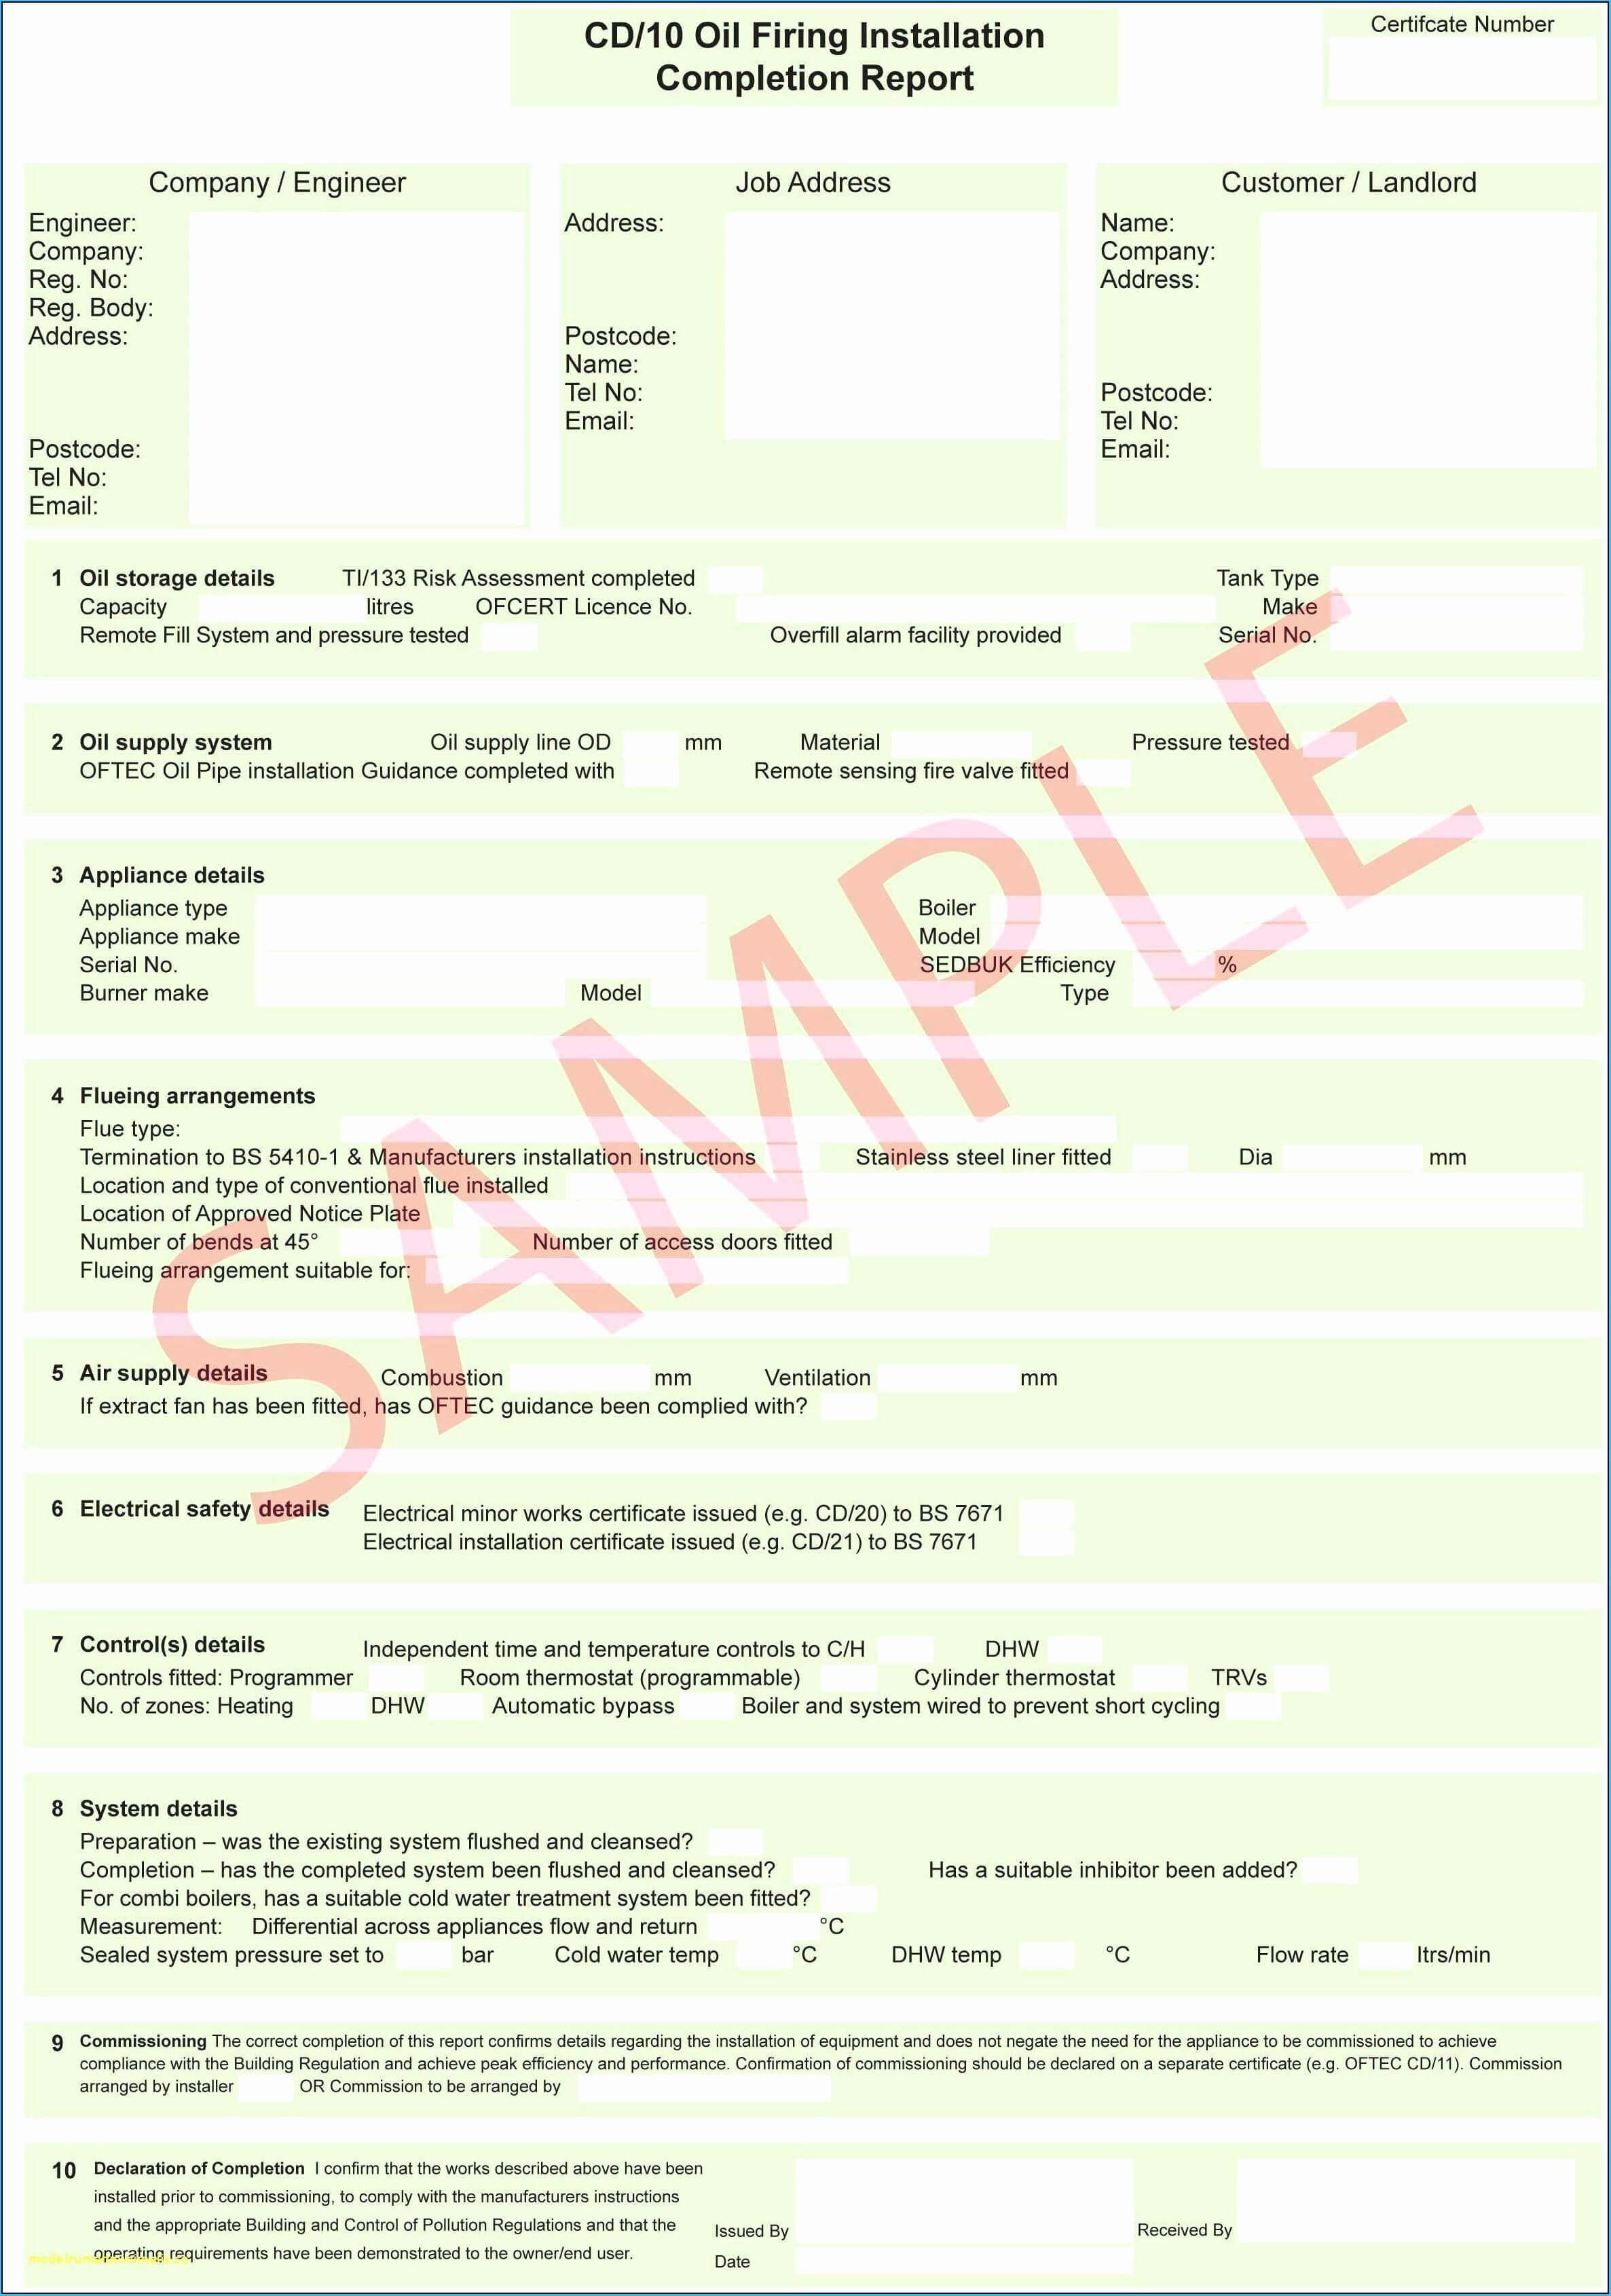 Incredible Gartner Certificate Templates As Prepossessing Inside Gartner Certificate Templates